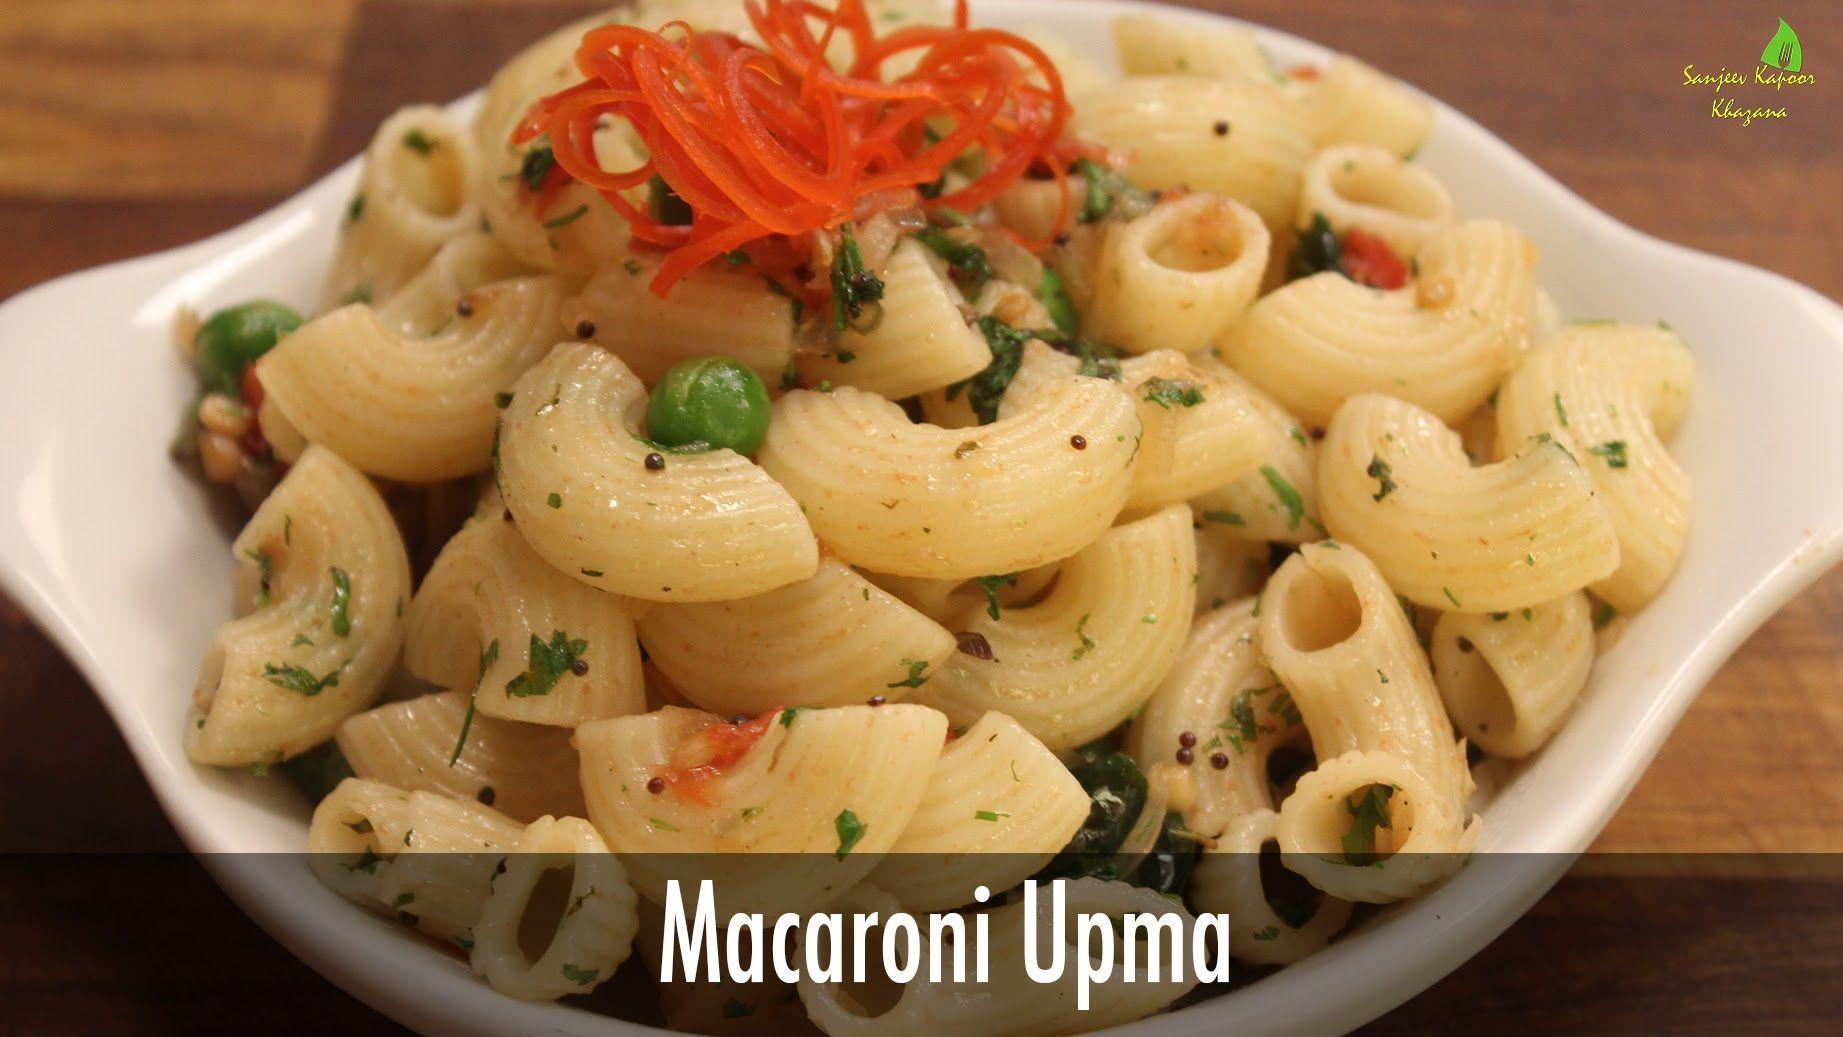 Macroni upma sanjeev kapoor khazana meatless pasta noodles macroni upma sanjeev kapoor khazana forumfinder Choice Image